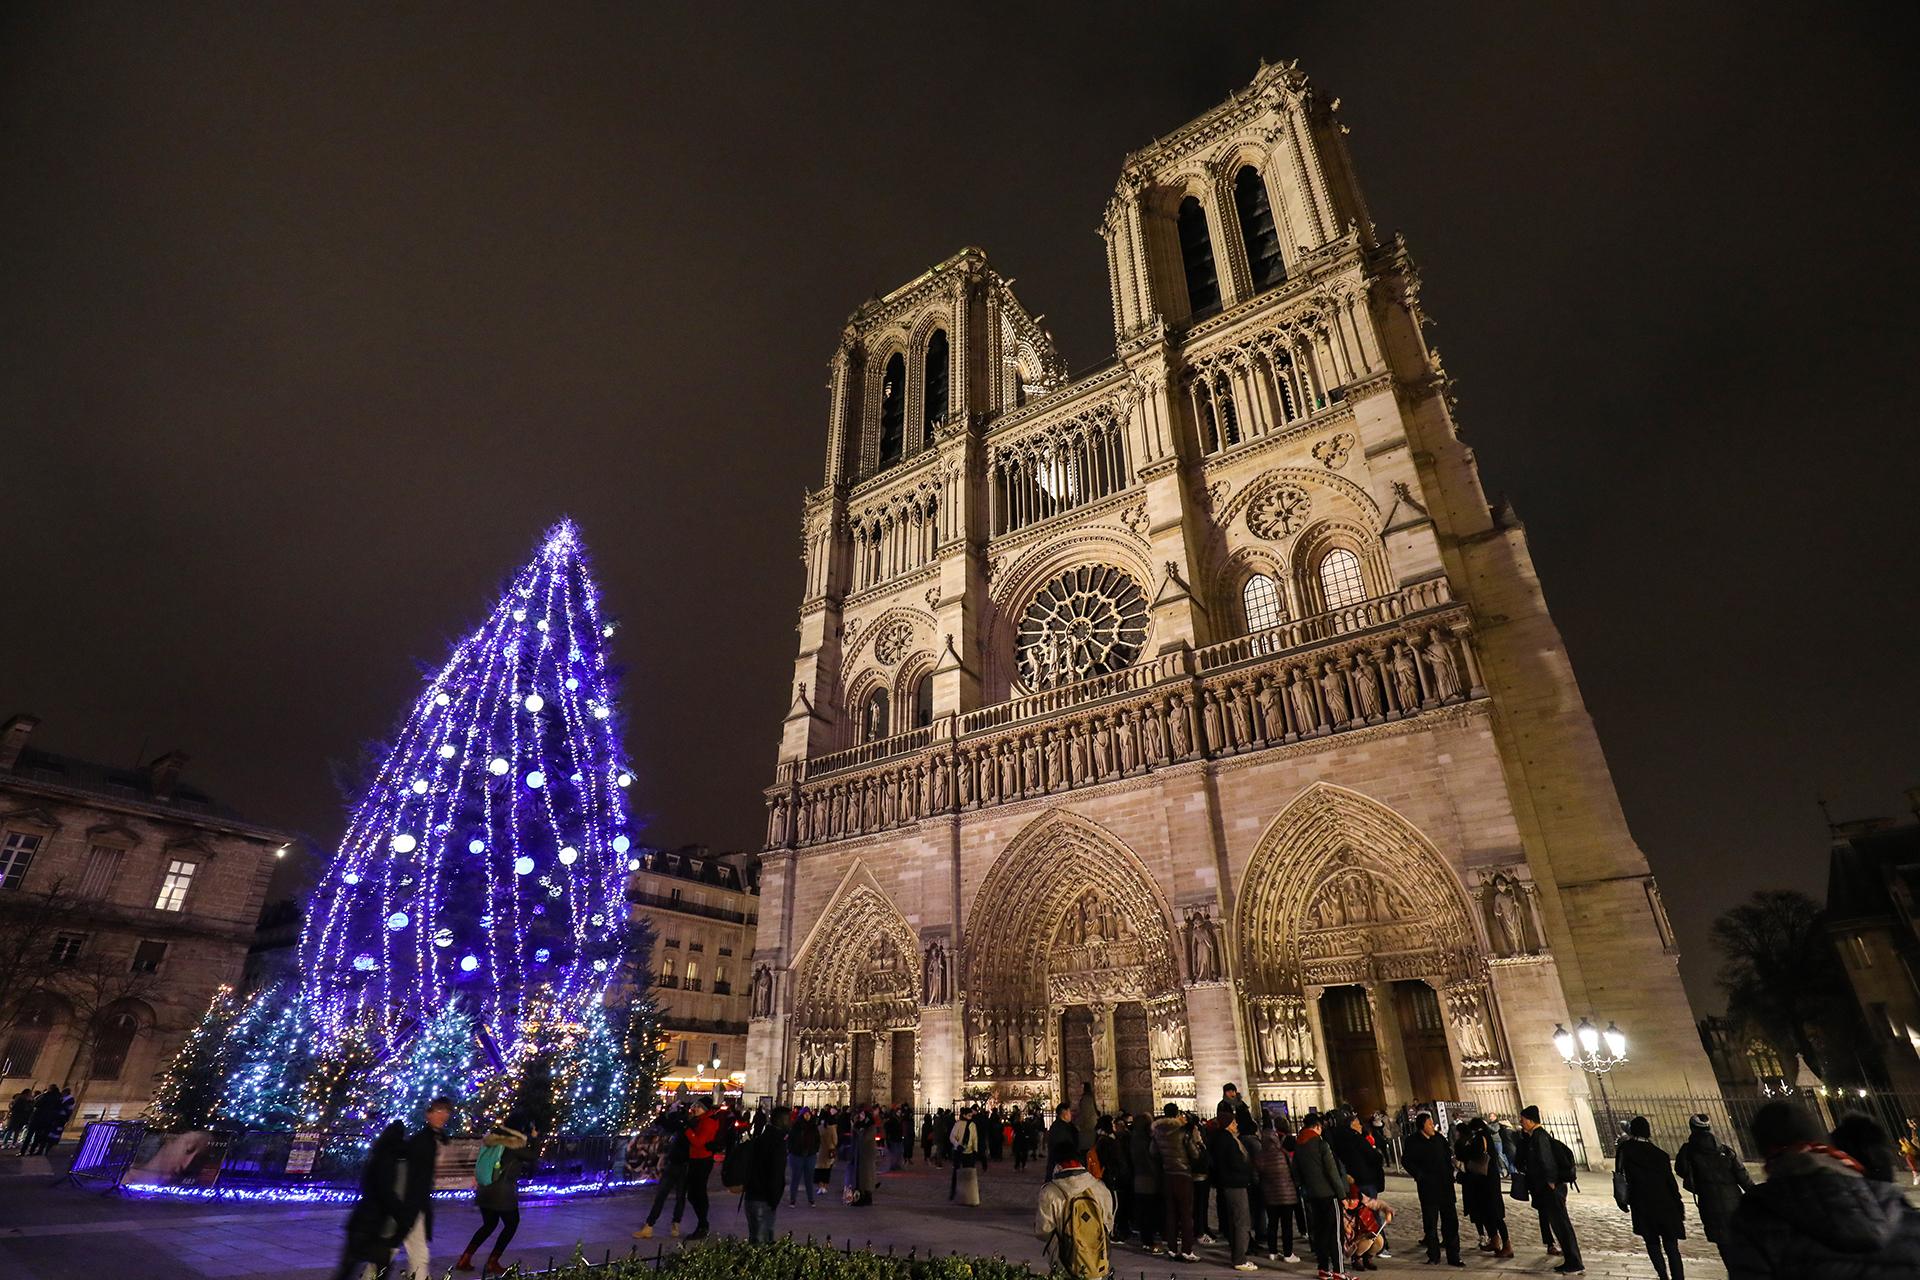 La iglesia de Notre Dame, en París, tiene un modesto ejemplar adornado de luces púrpura